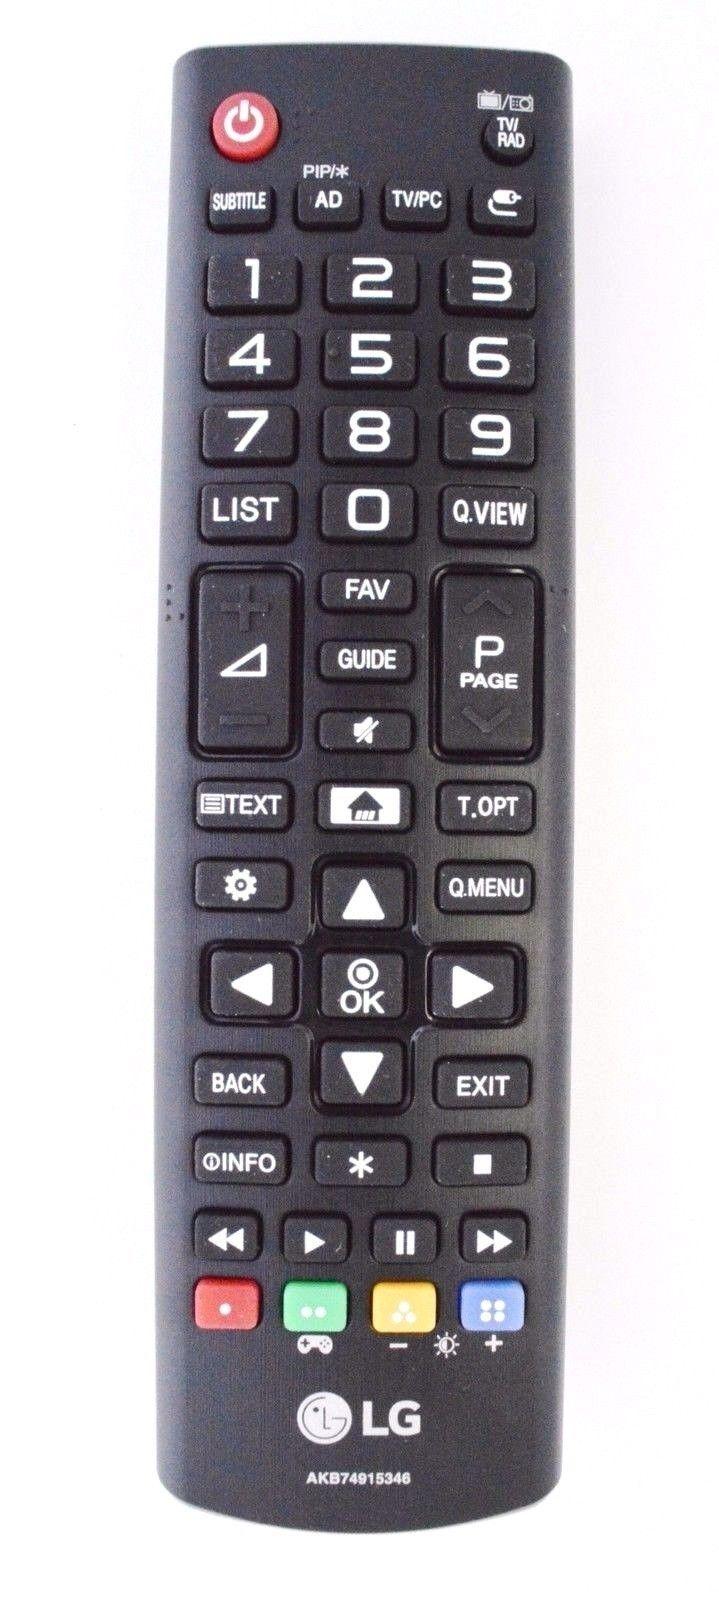 Image of Lg Akb74915346 Remote Control For 24mt48 / 24mt48df-pz / 24mt48dg-bz / 24mt48s